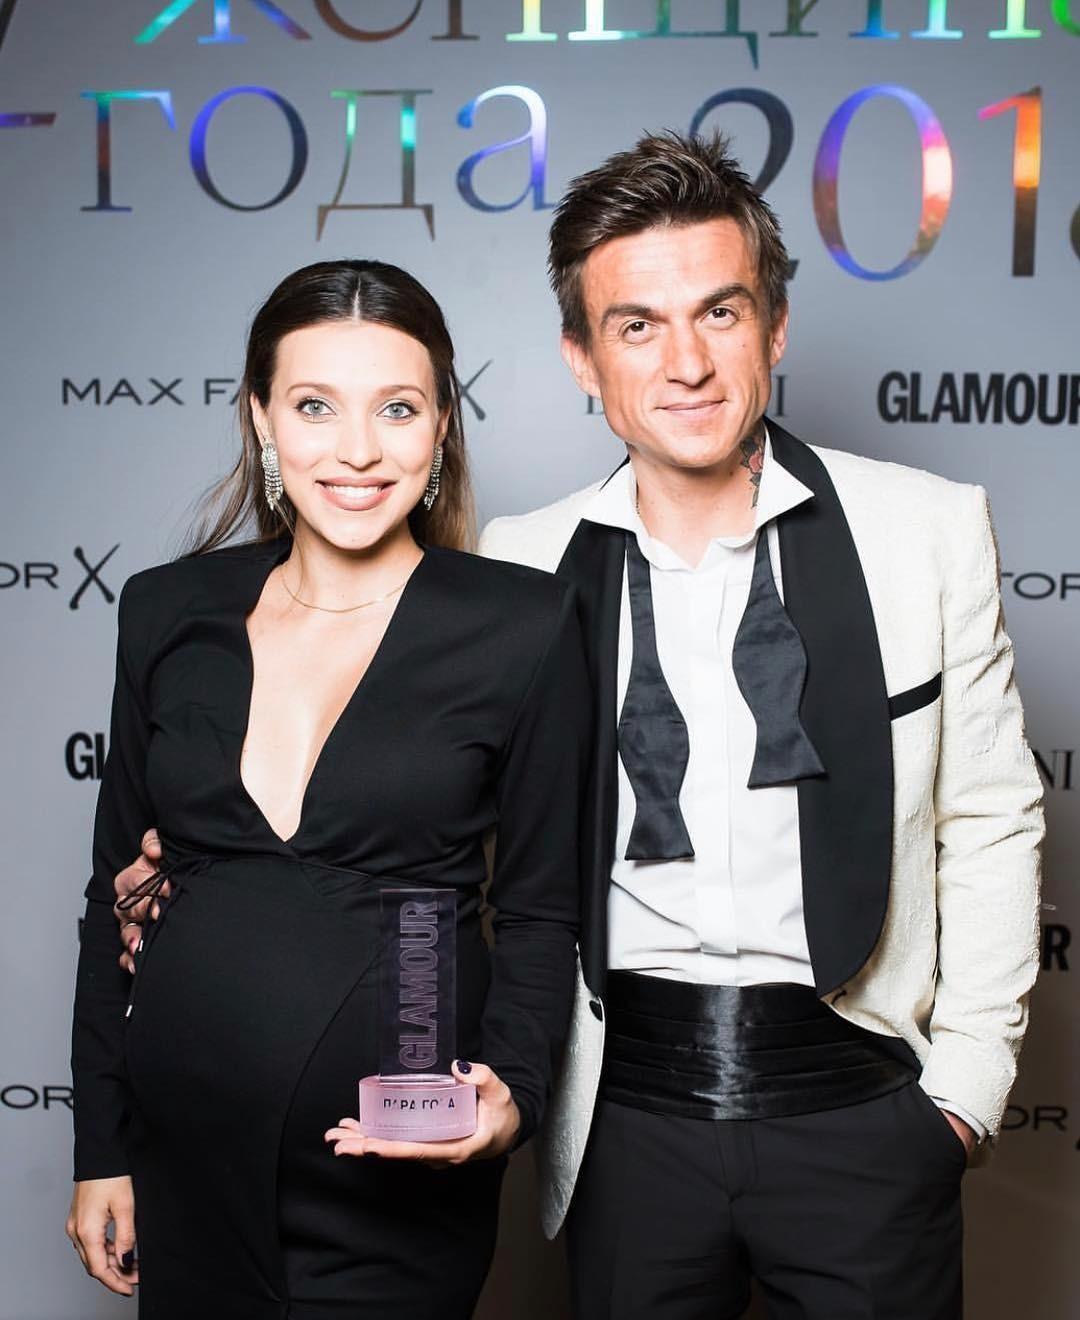 Регина Тодоренко и Влад Топалов показали клип с участием их новорожденного сына